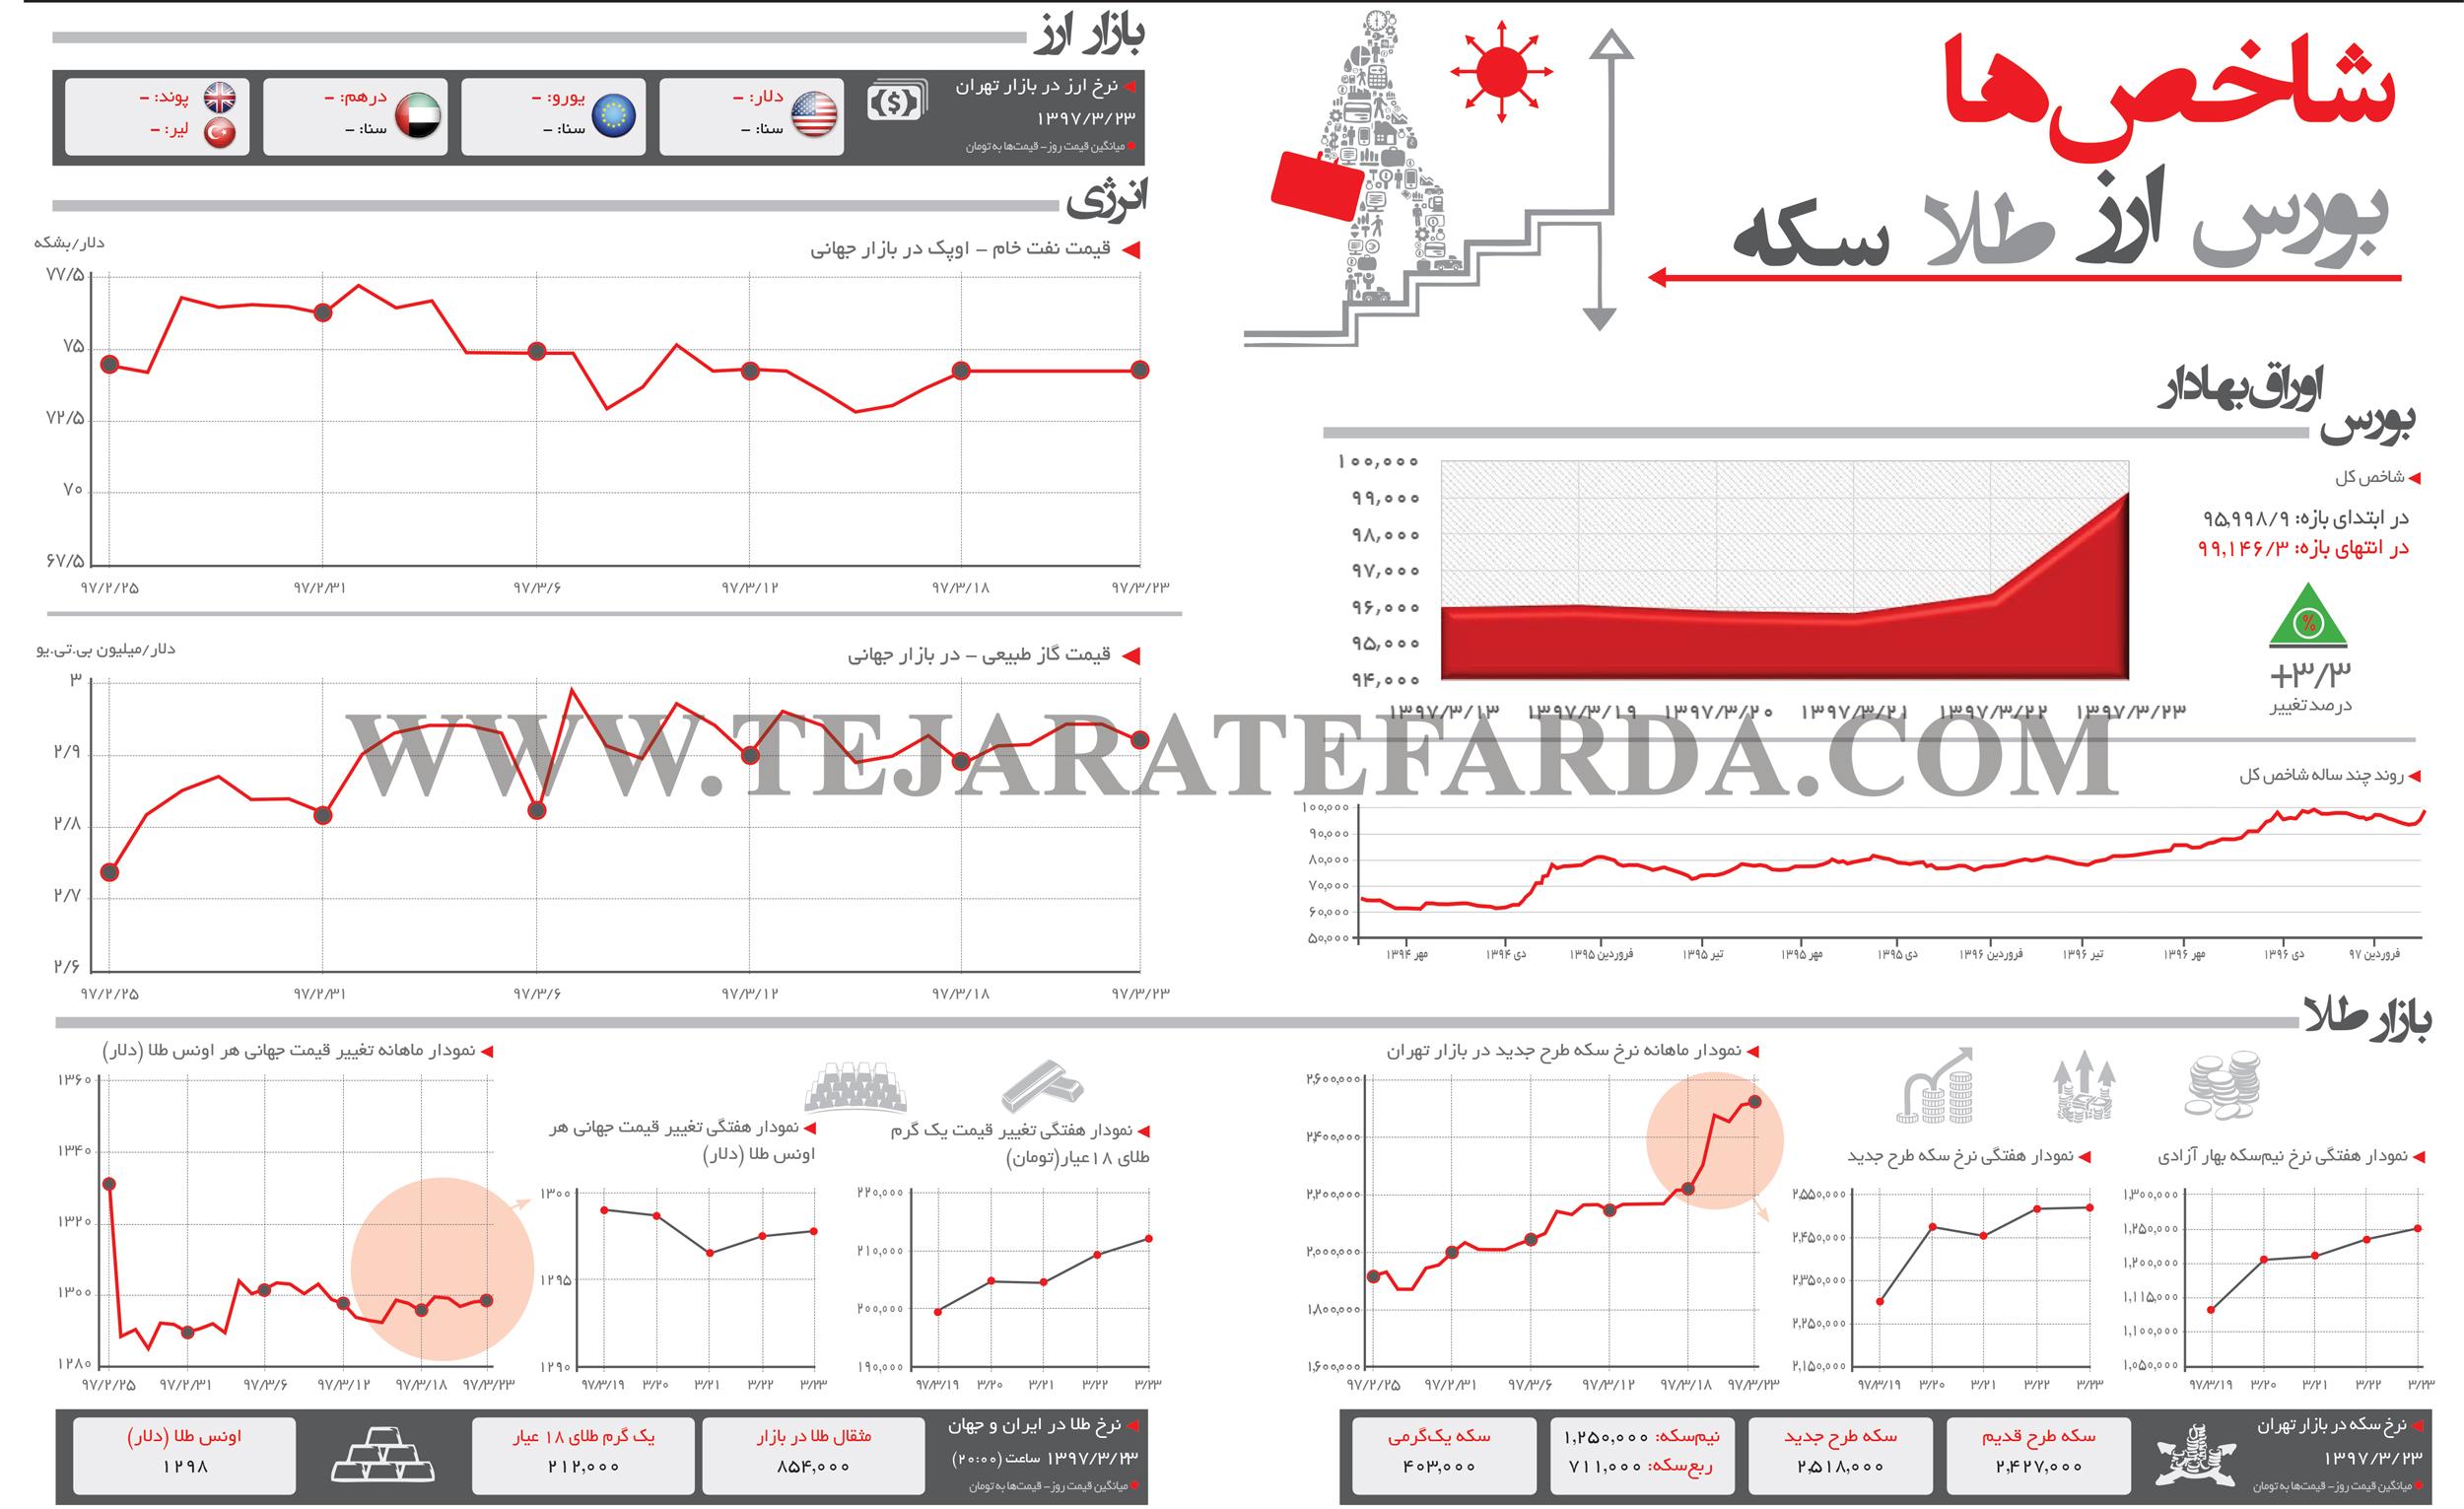 تجارت فردا- اینفوگرافیک- شاخصهای اقتصادی 272